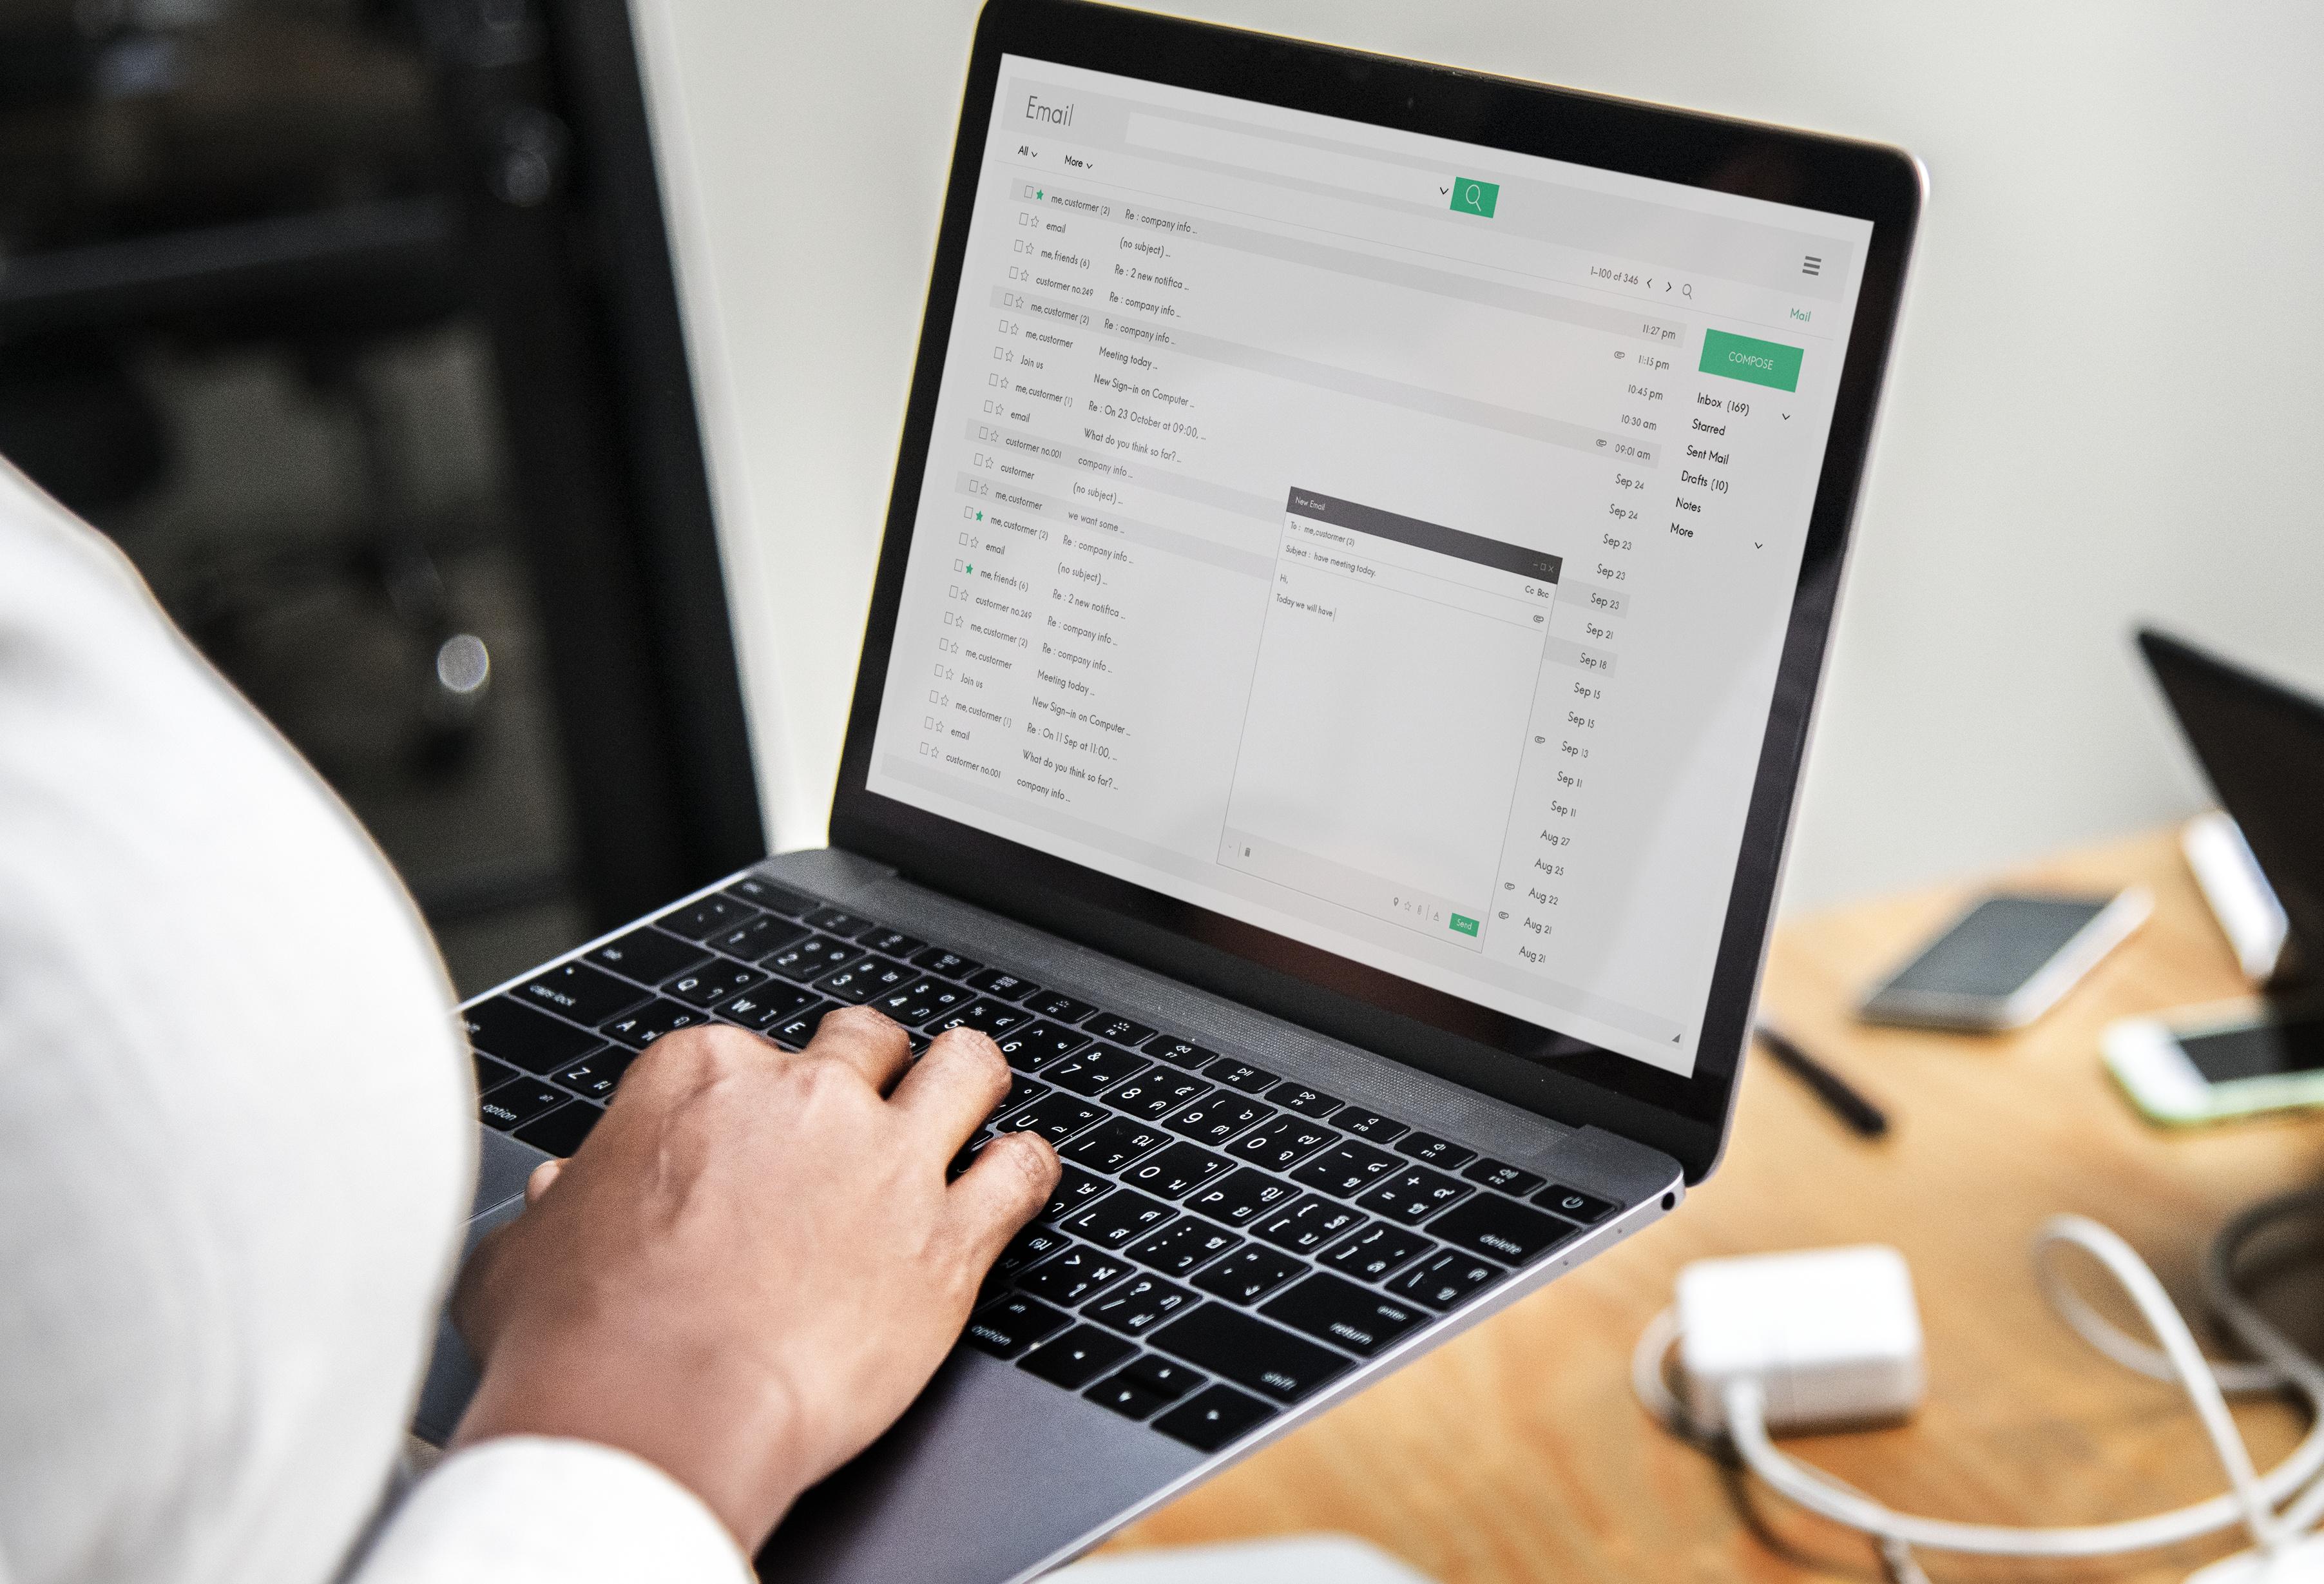 Webanwendung Betriebsverwaltung für Unternehmen